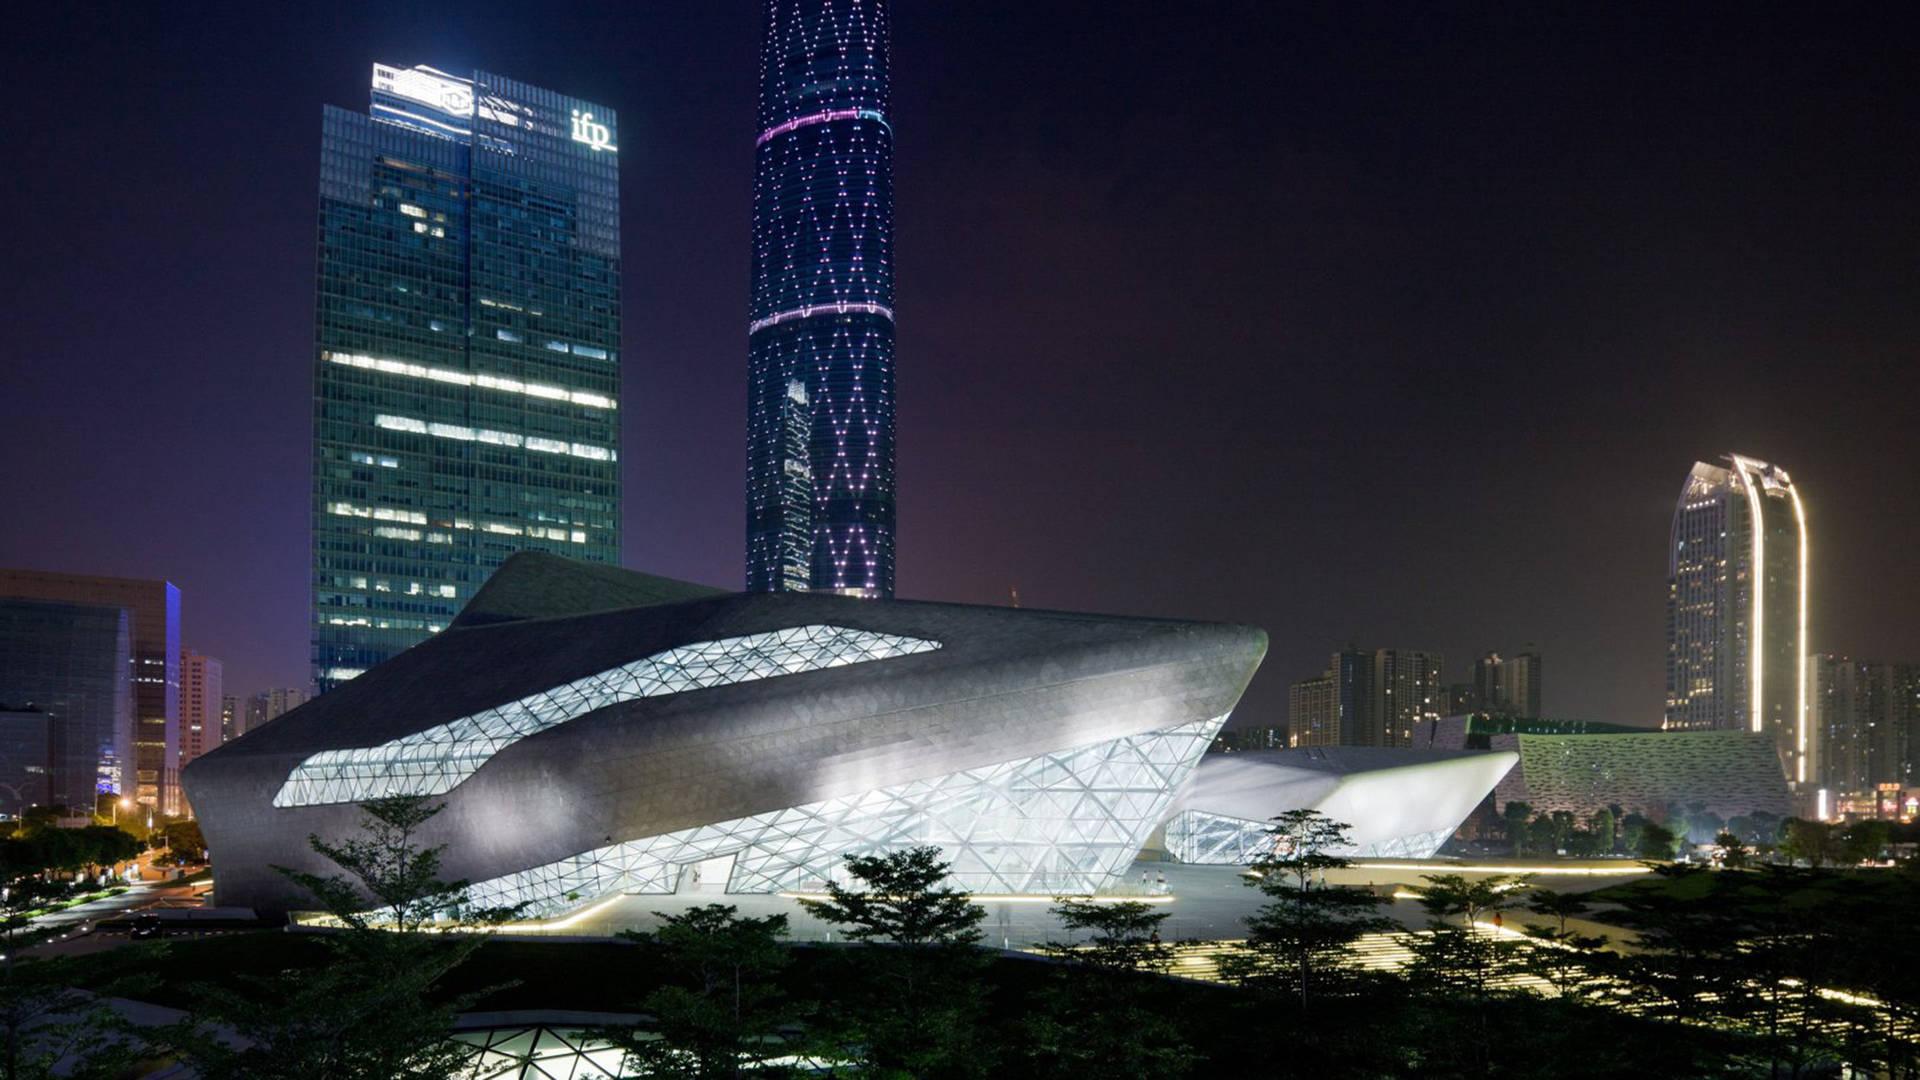 Guangzhous Opera House